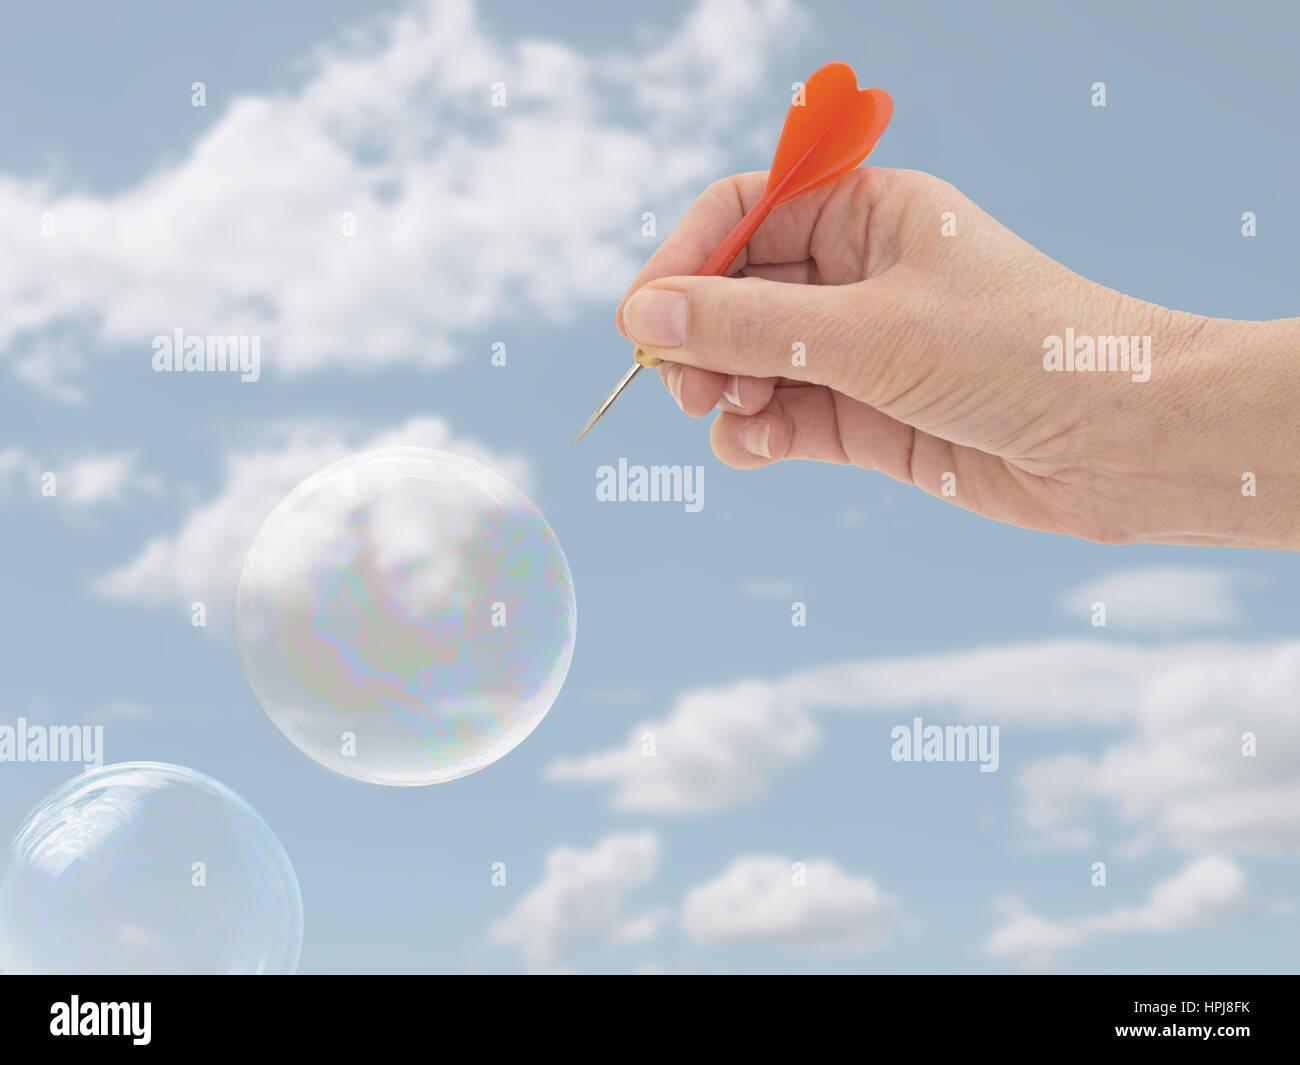 Éclater la bulle concept. Financière, d'affaires ou de concept général, la métaphore. Photo Stock